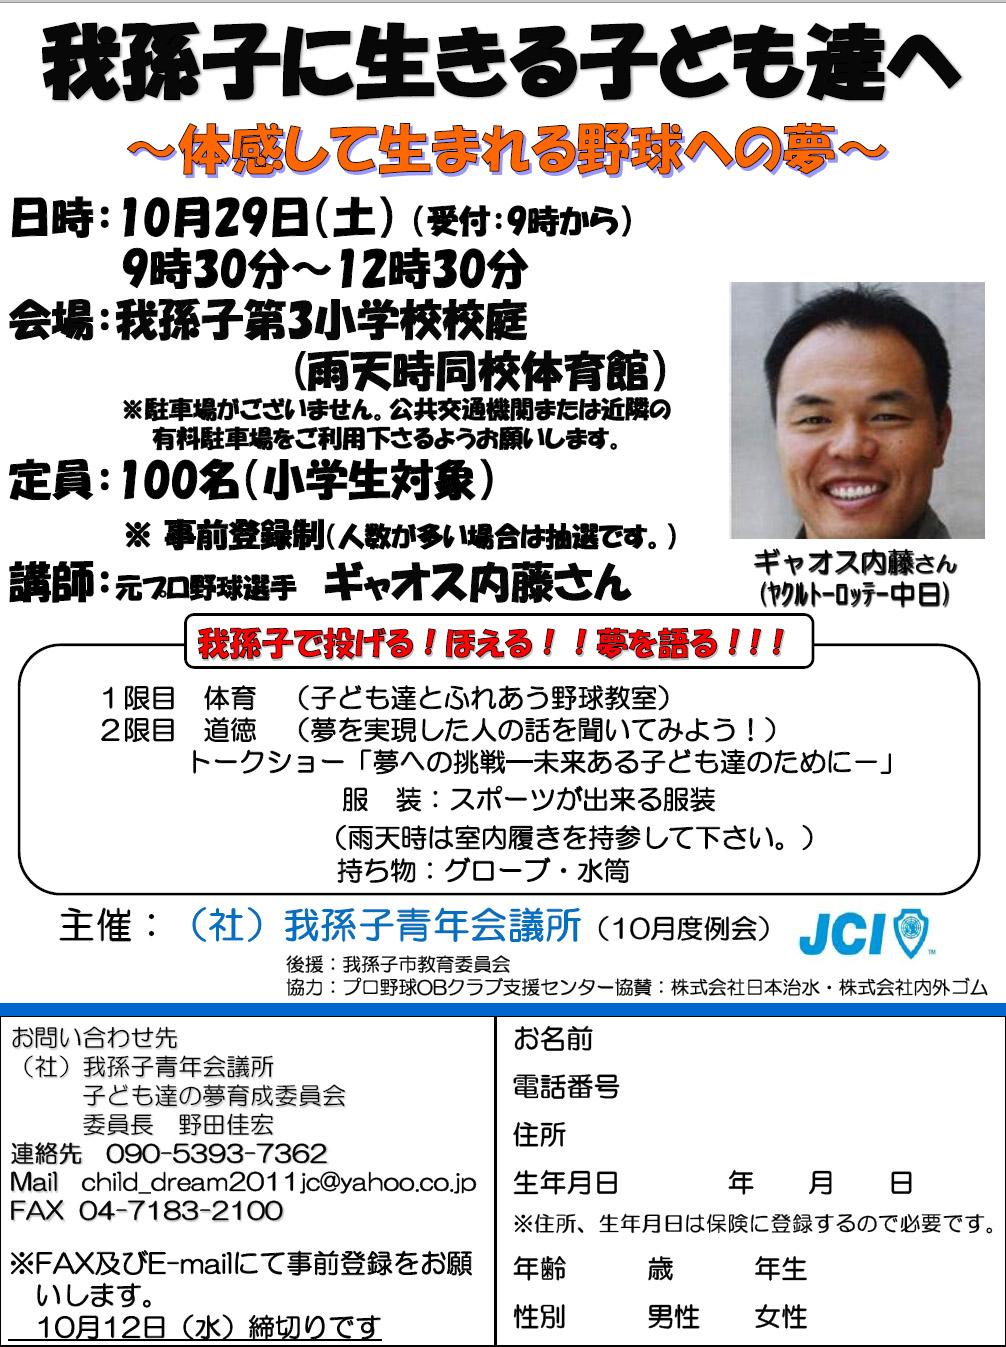 2011_rei10_flyer.jpg